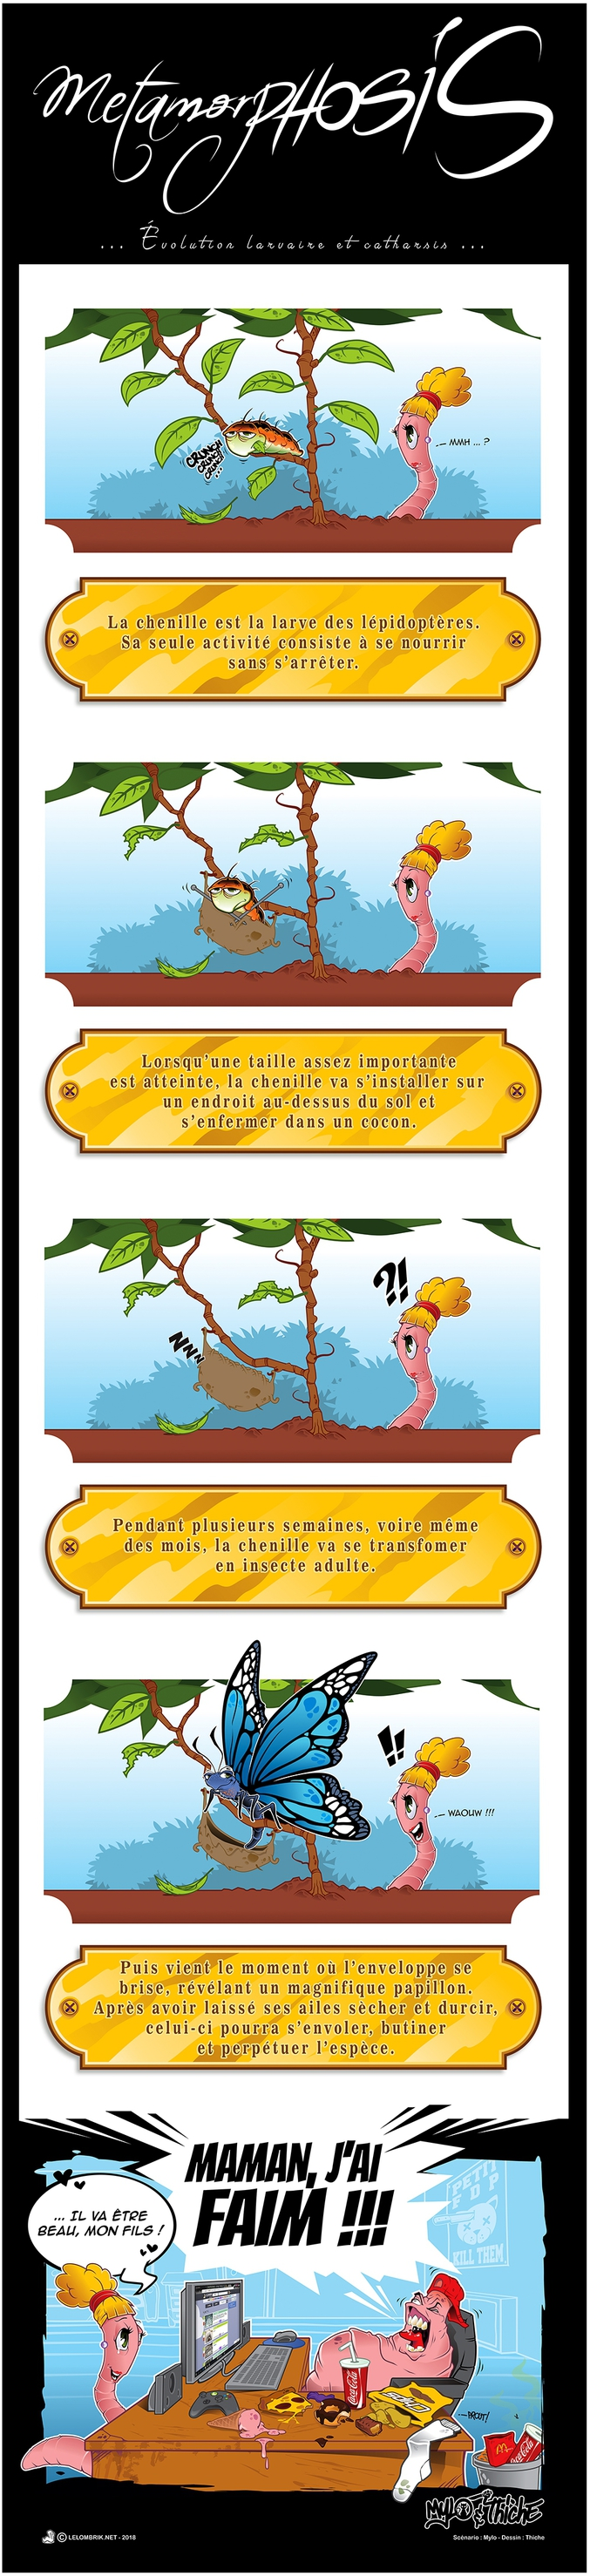 Évolution larvaire et catharsis.